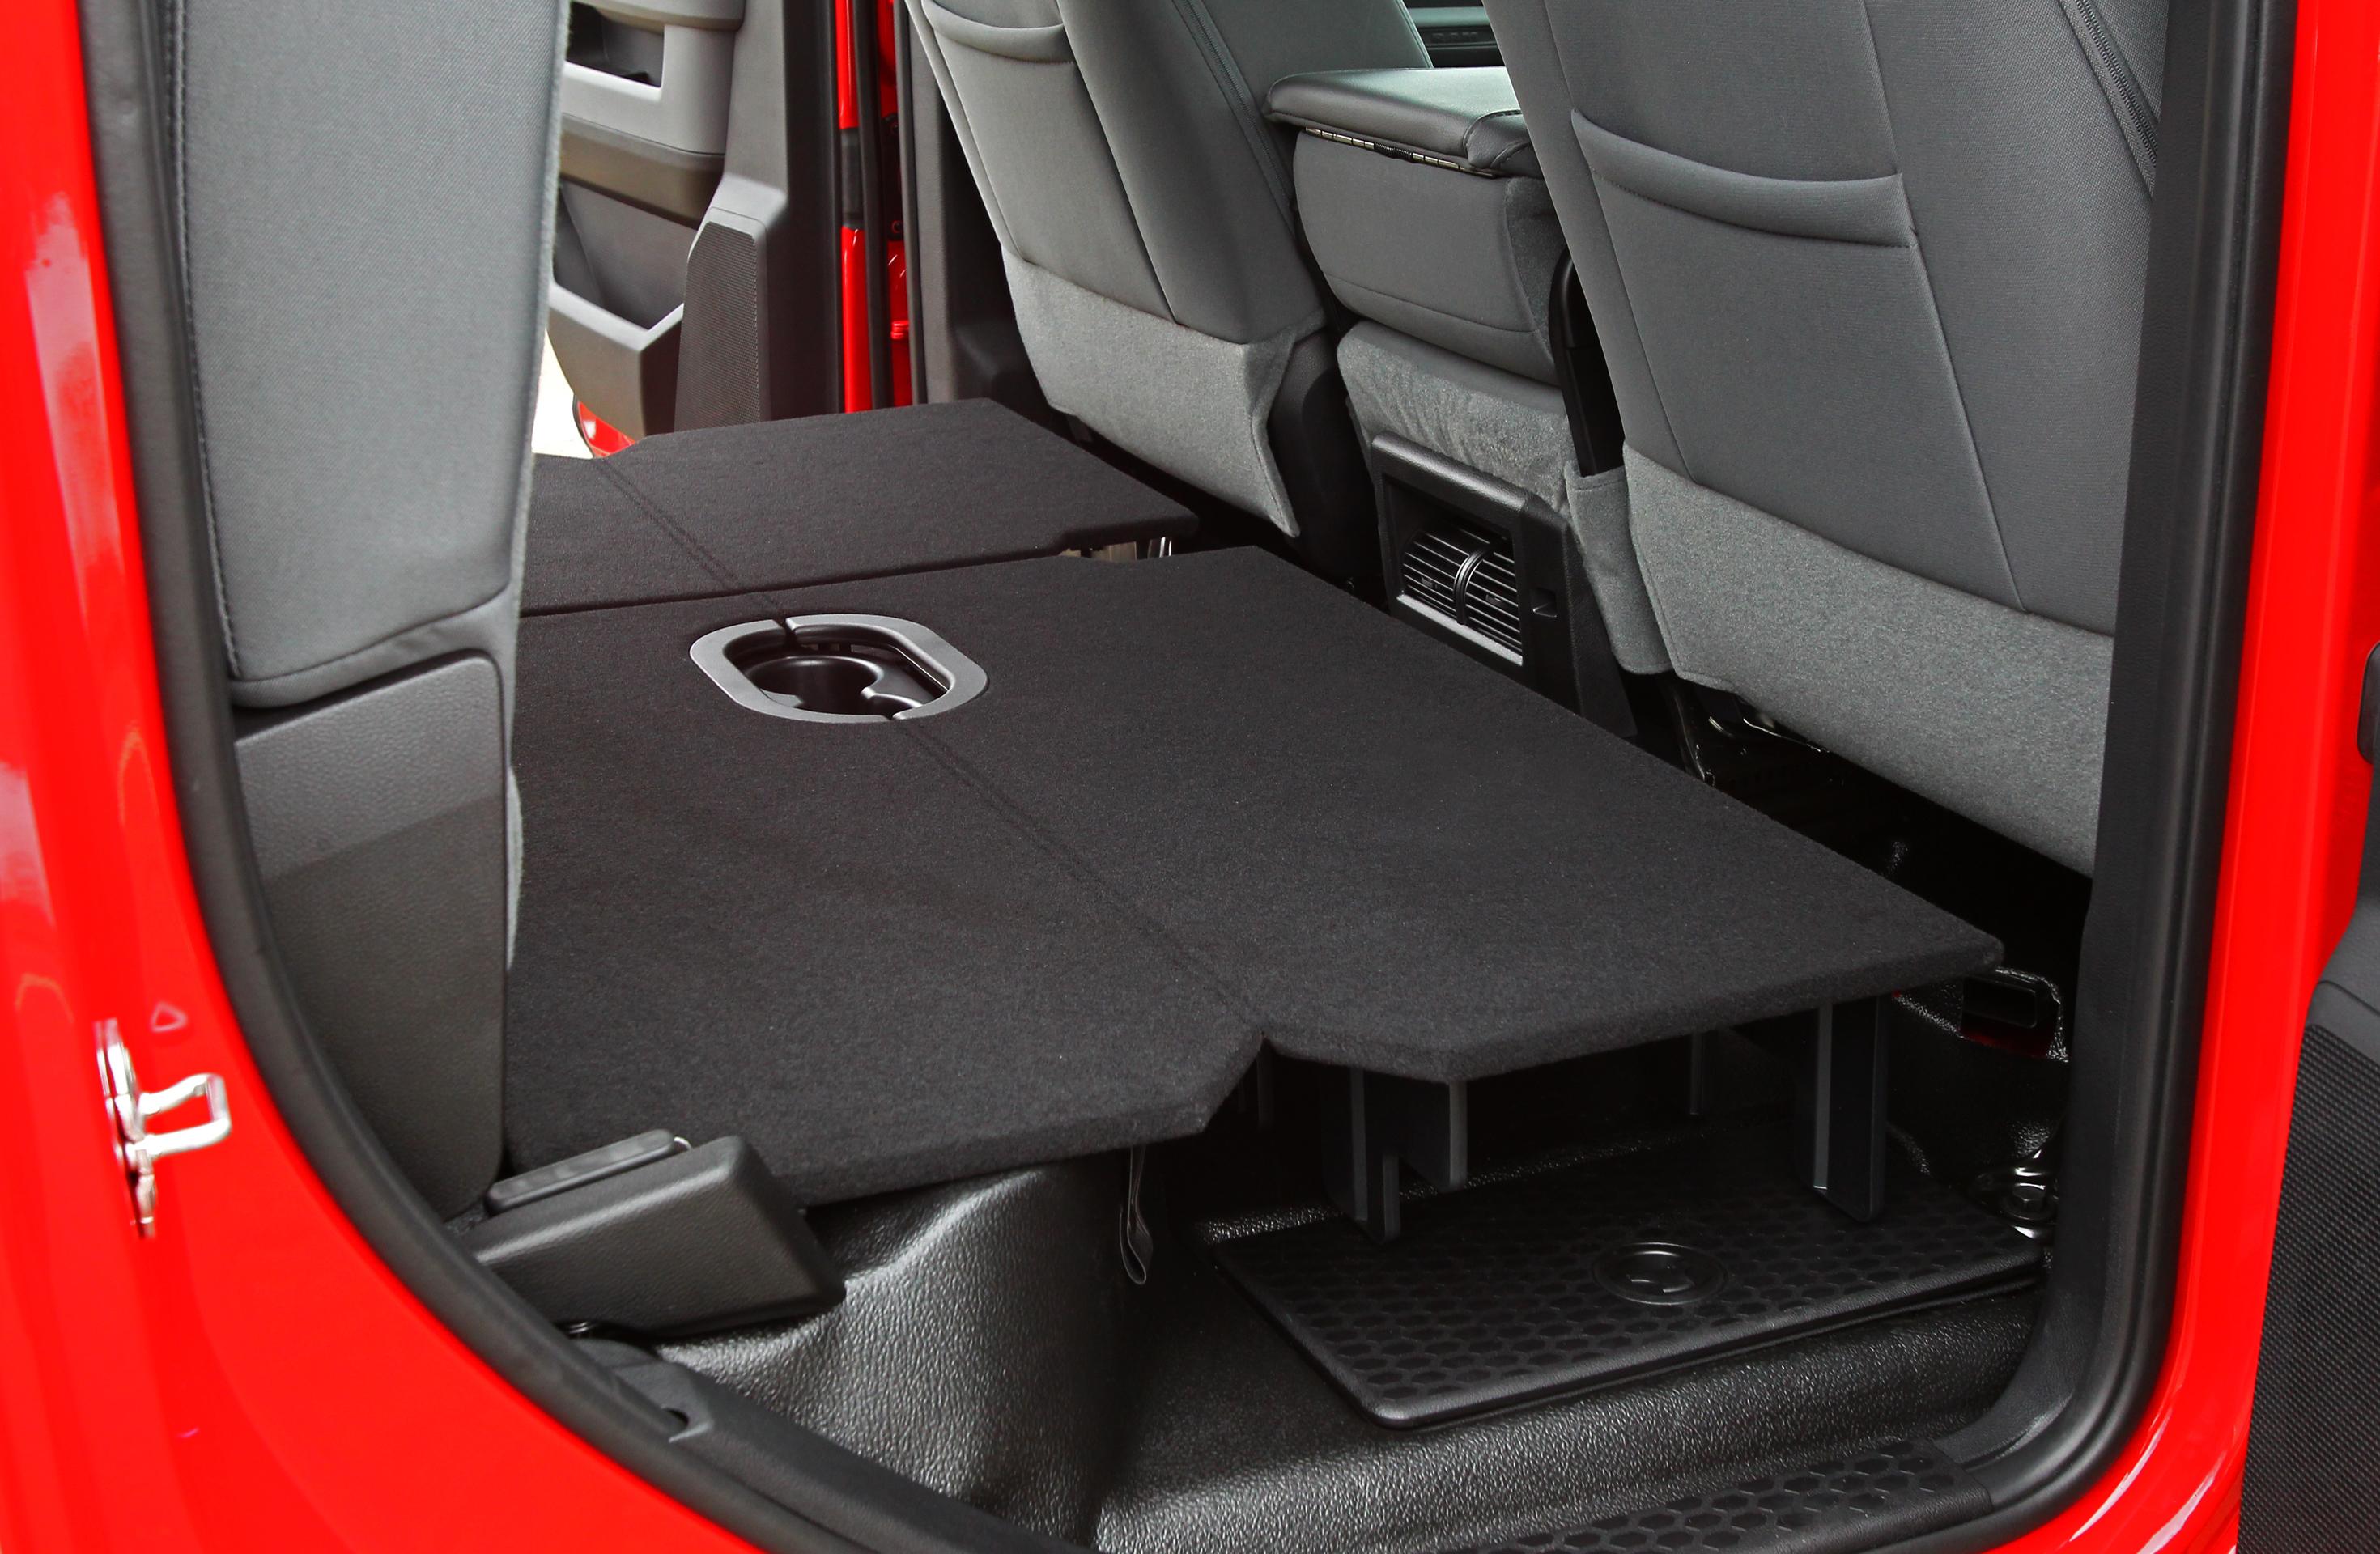 2017 Ram Power Wagon Dodge 1500 Flat Load Floor